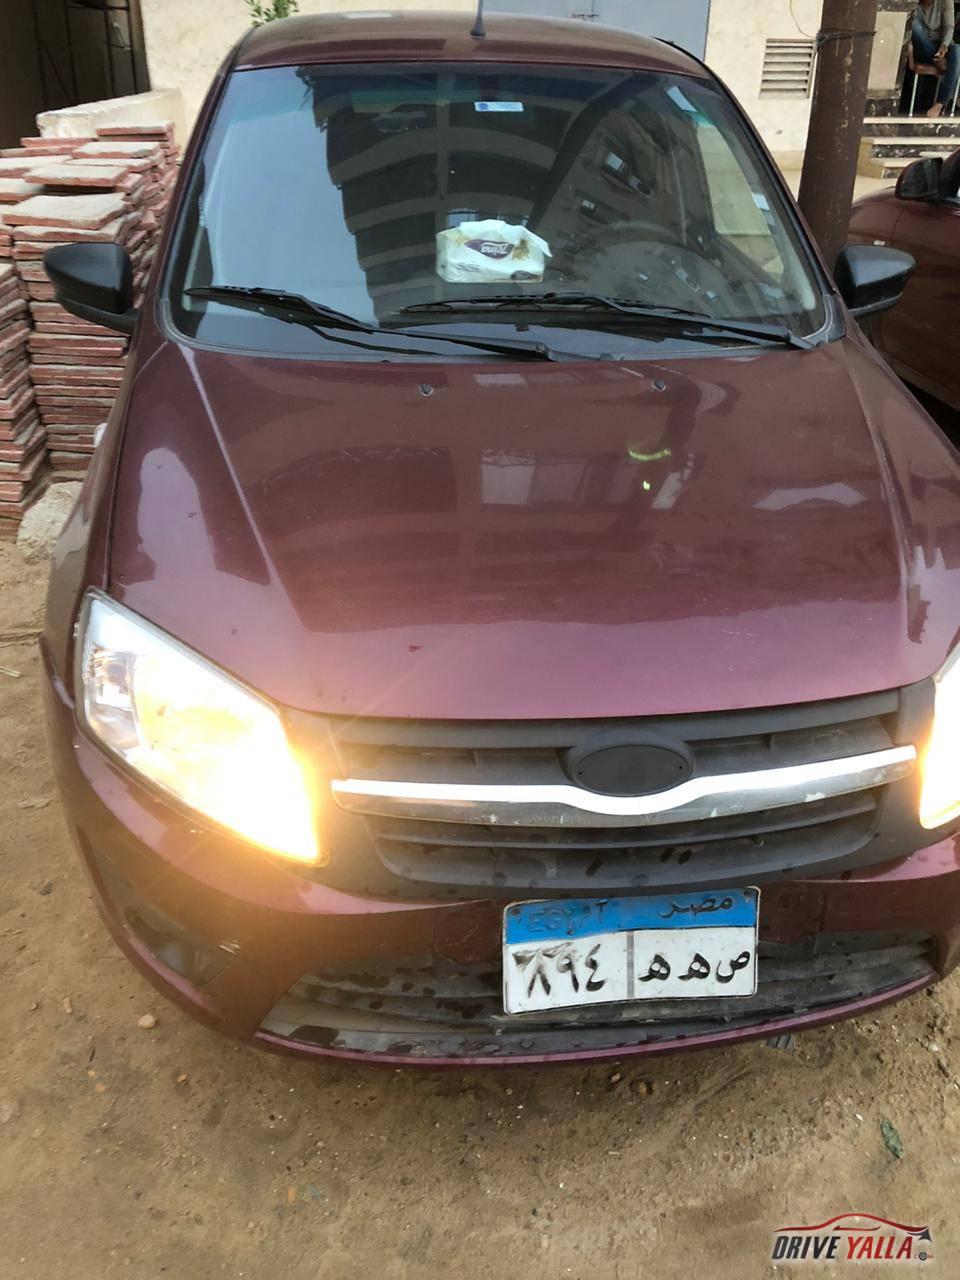 لادا جرانتا مستعملة للبيع فى مصر ٢٠١٩